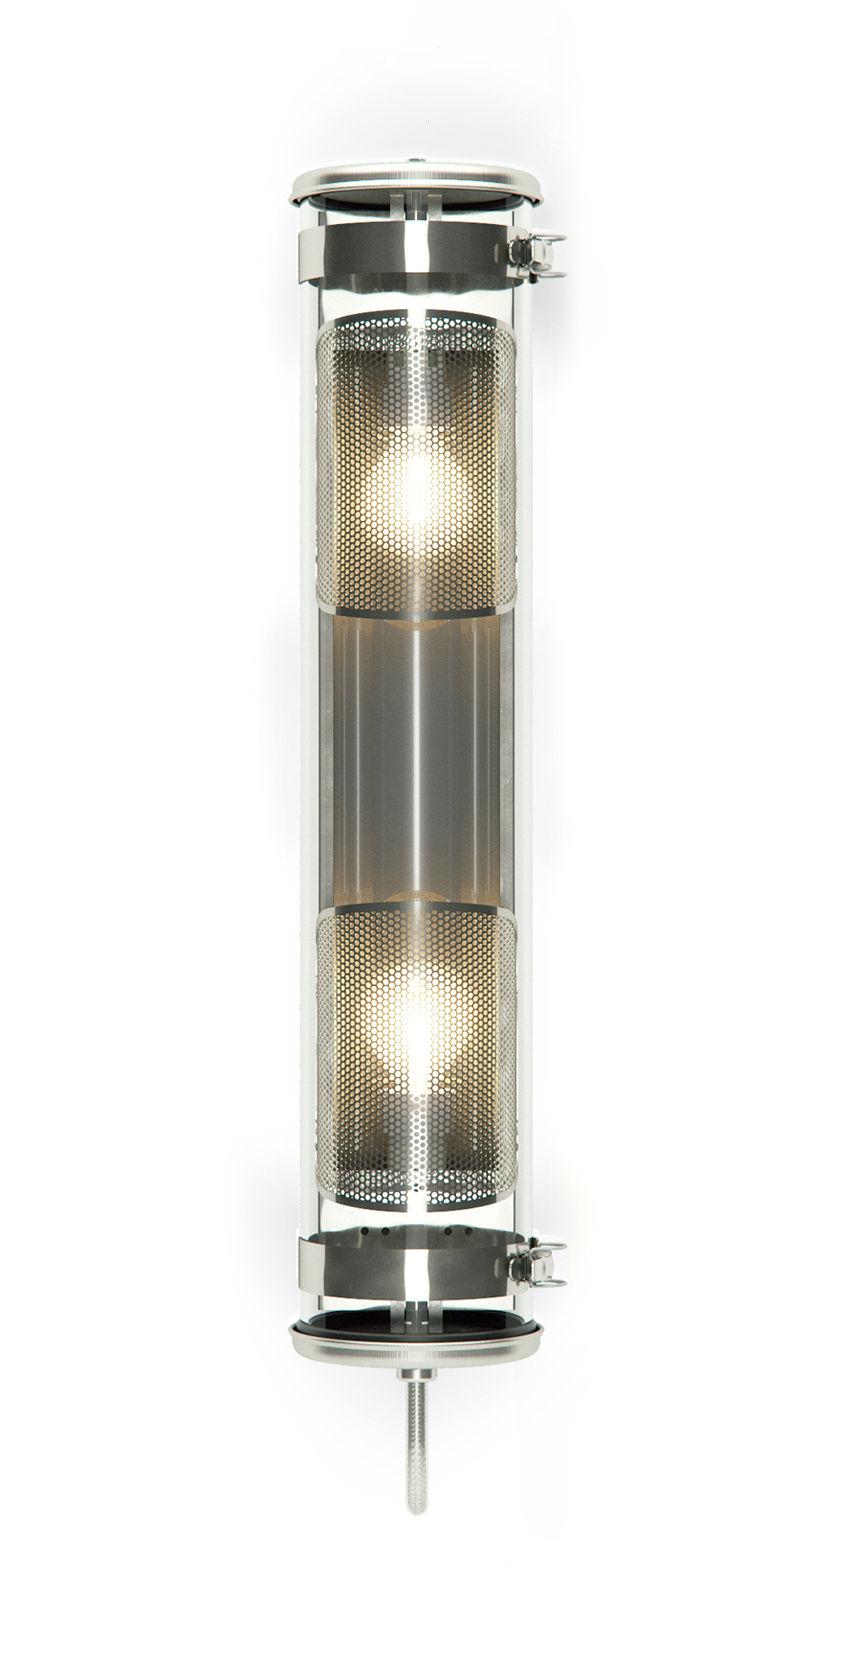 Illuminazione - Lampade da parete - Applique Rimbaud Grillagée - / Sospensione - L 68 cm di SAMMODE STUDIO - Argent / Acier - Acciaio inossidabile, Alluminio anodizzato, Verre borosilicaté